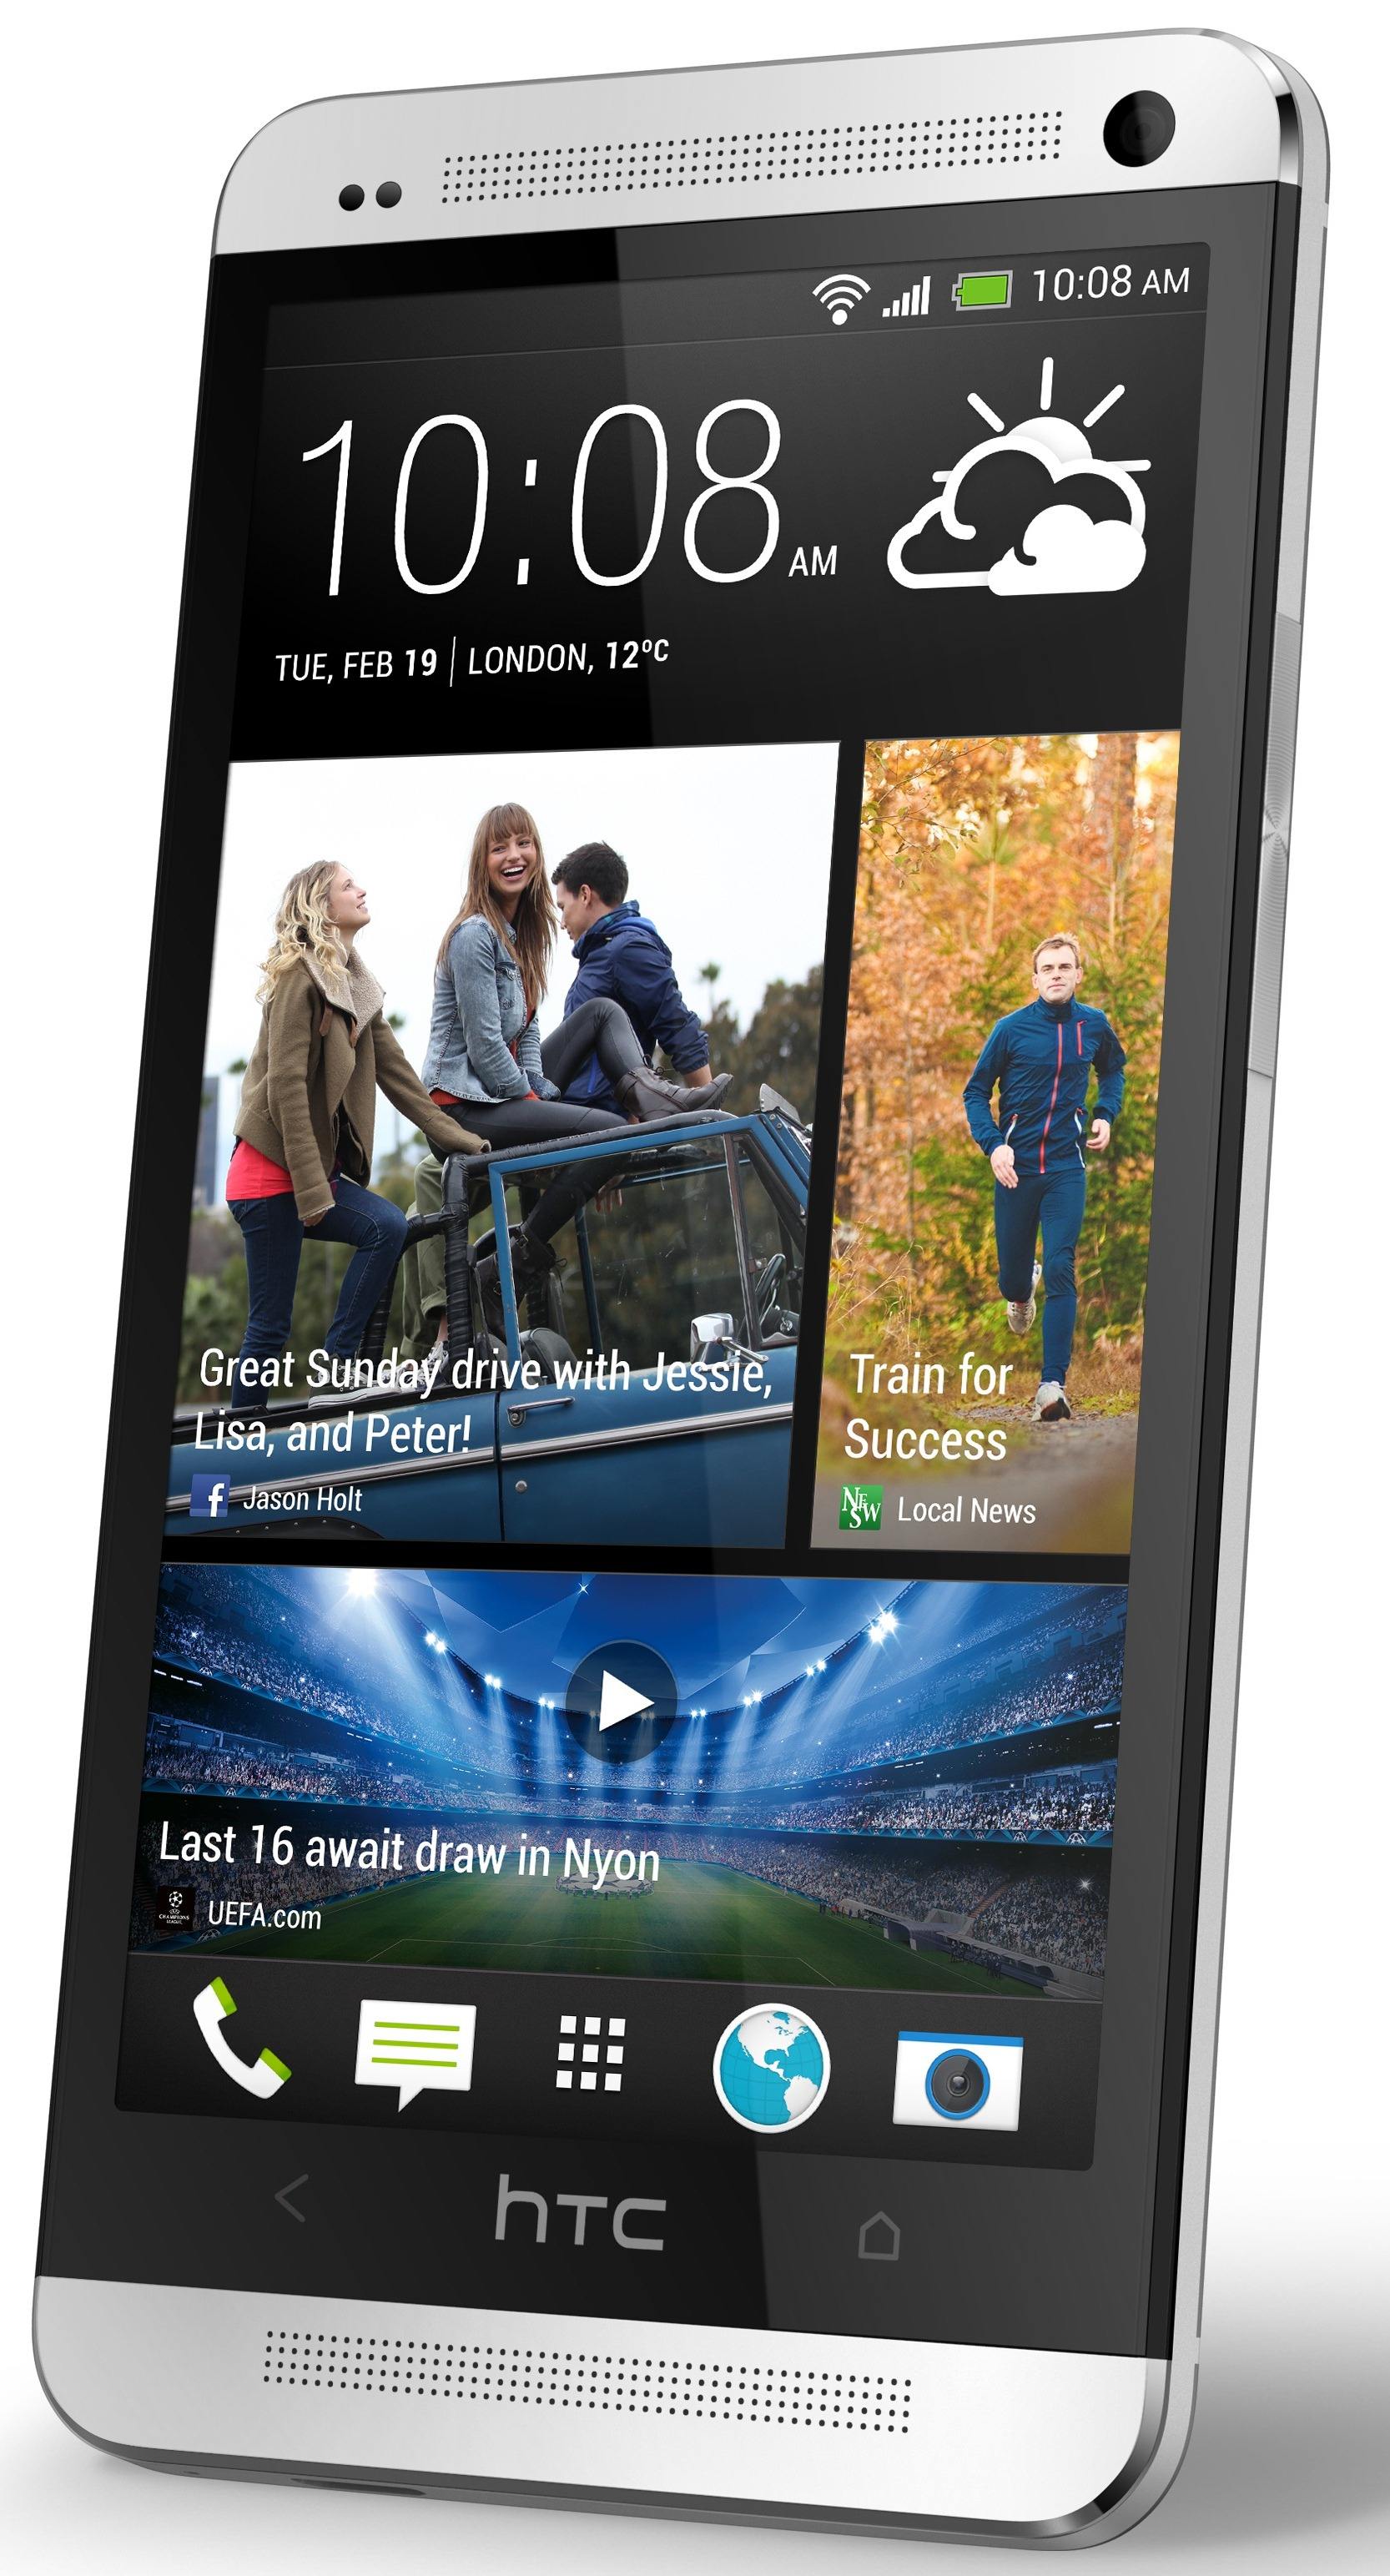 Moto X VS LG G2  VS iPhone 5 VS HTC One, VS Galaxy S4 VS Xperia Z VS Lumia 1020 VS Nexus 4 specs especificaciones (5)